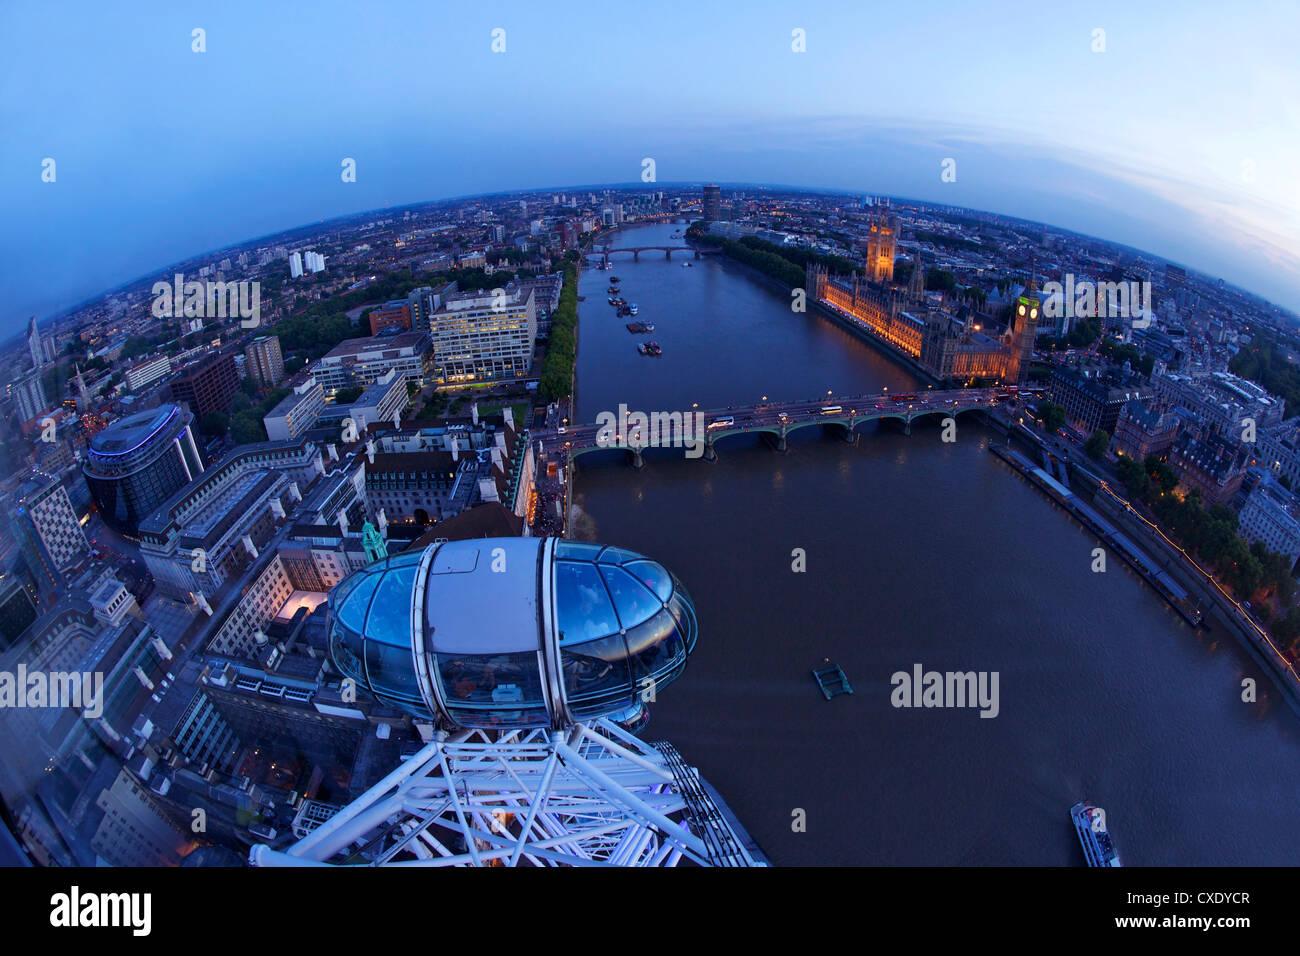 Avis de voyageurs de pod capsule, chambres du Parlement, Big Ben et la Tamise, le London Eye au crépuscule, Photo Stock